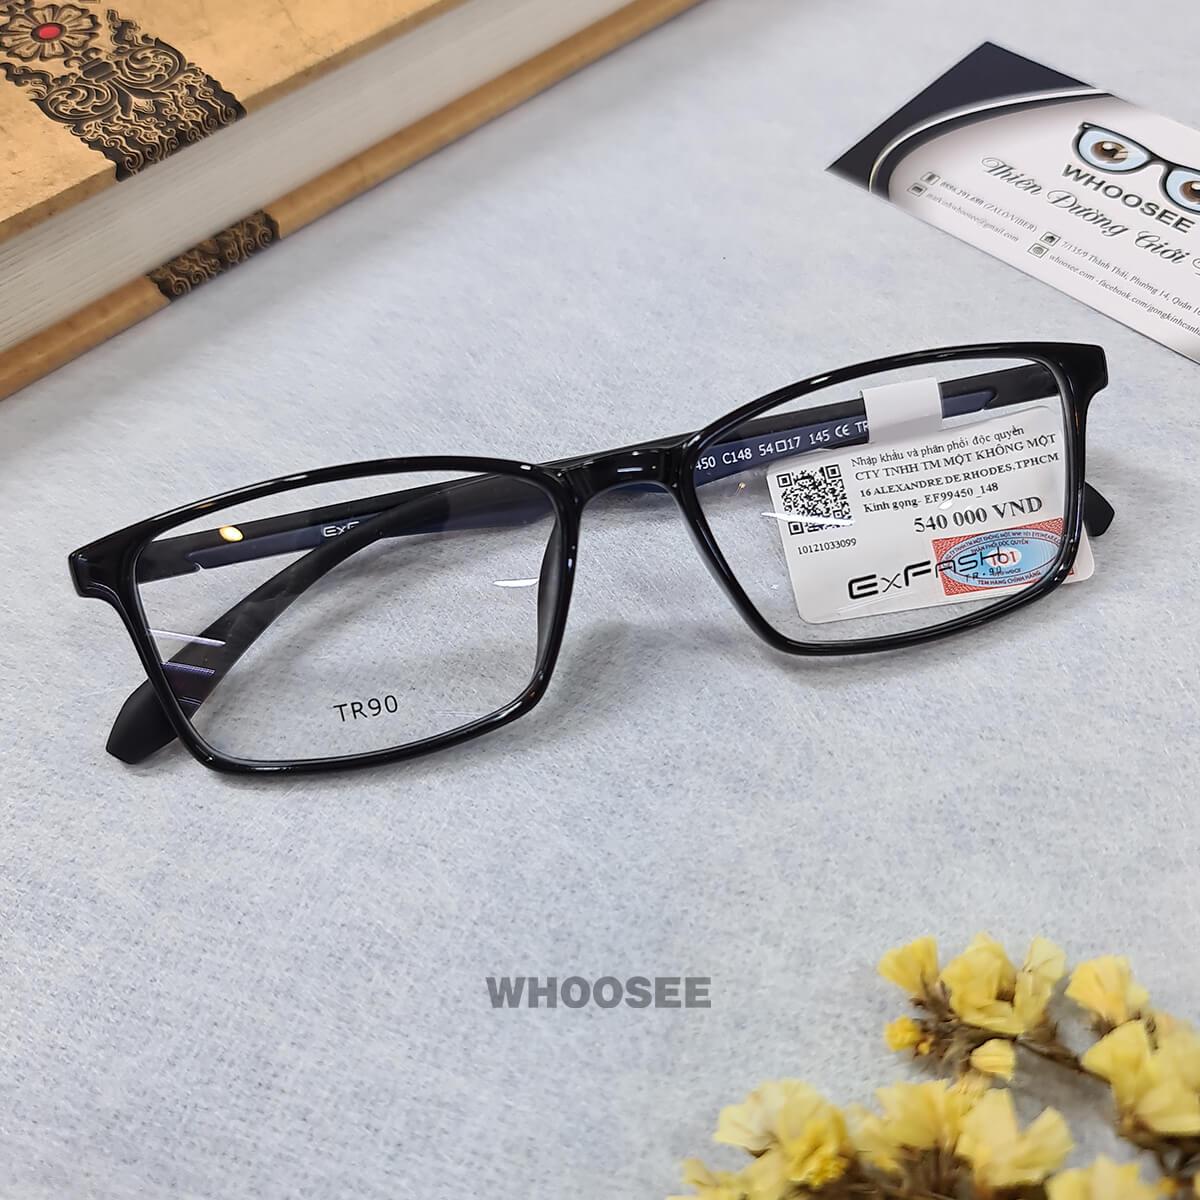 gọng kính cận form mắt vuông ef99450 c148 exfash